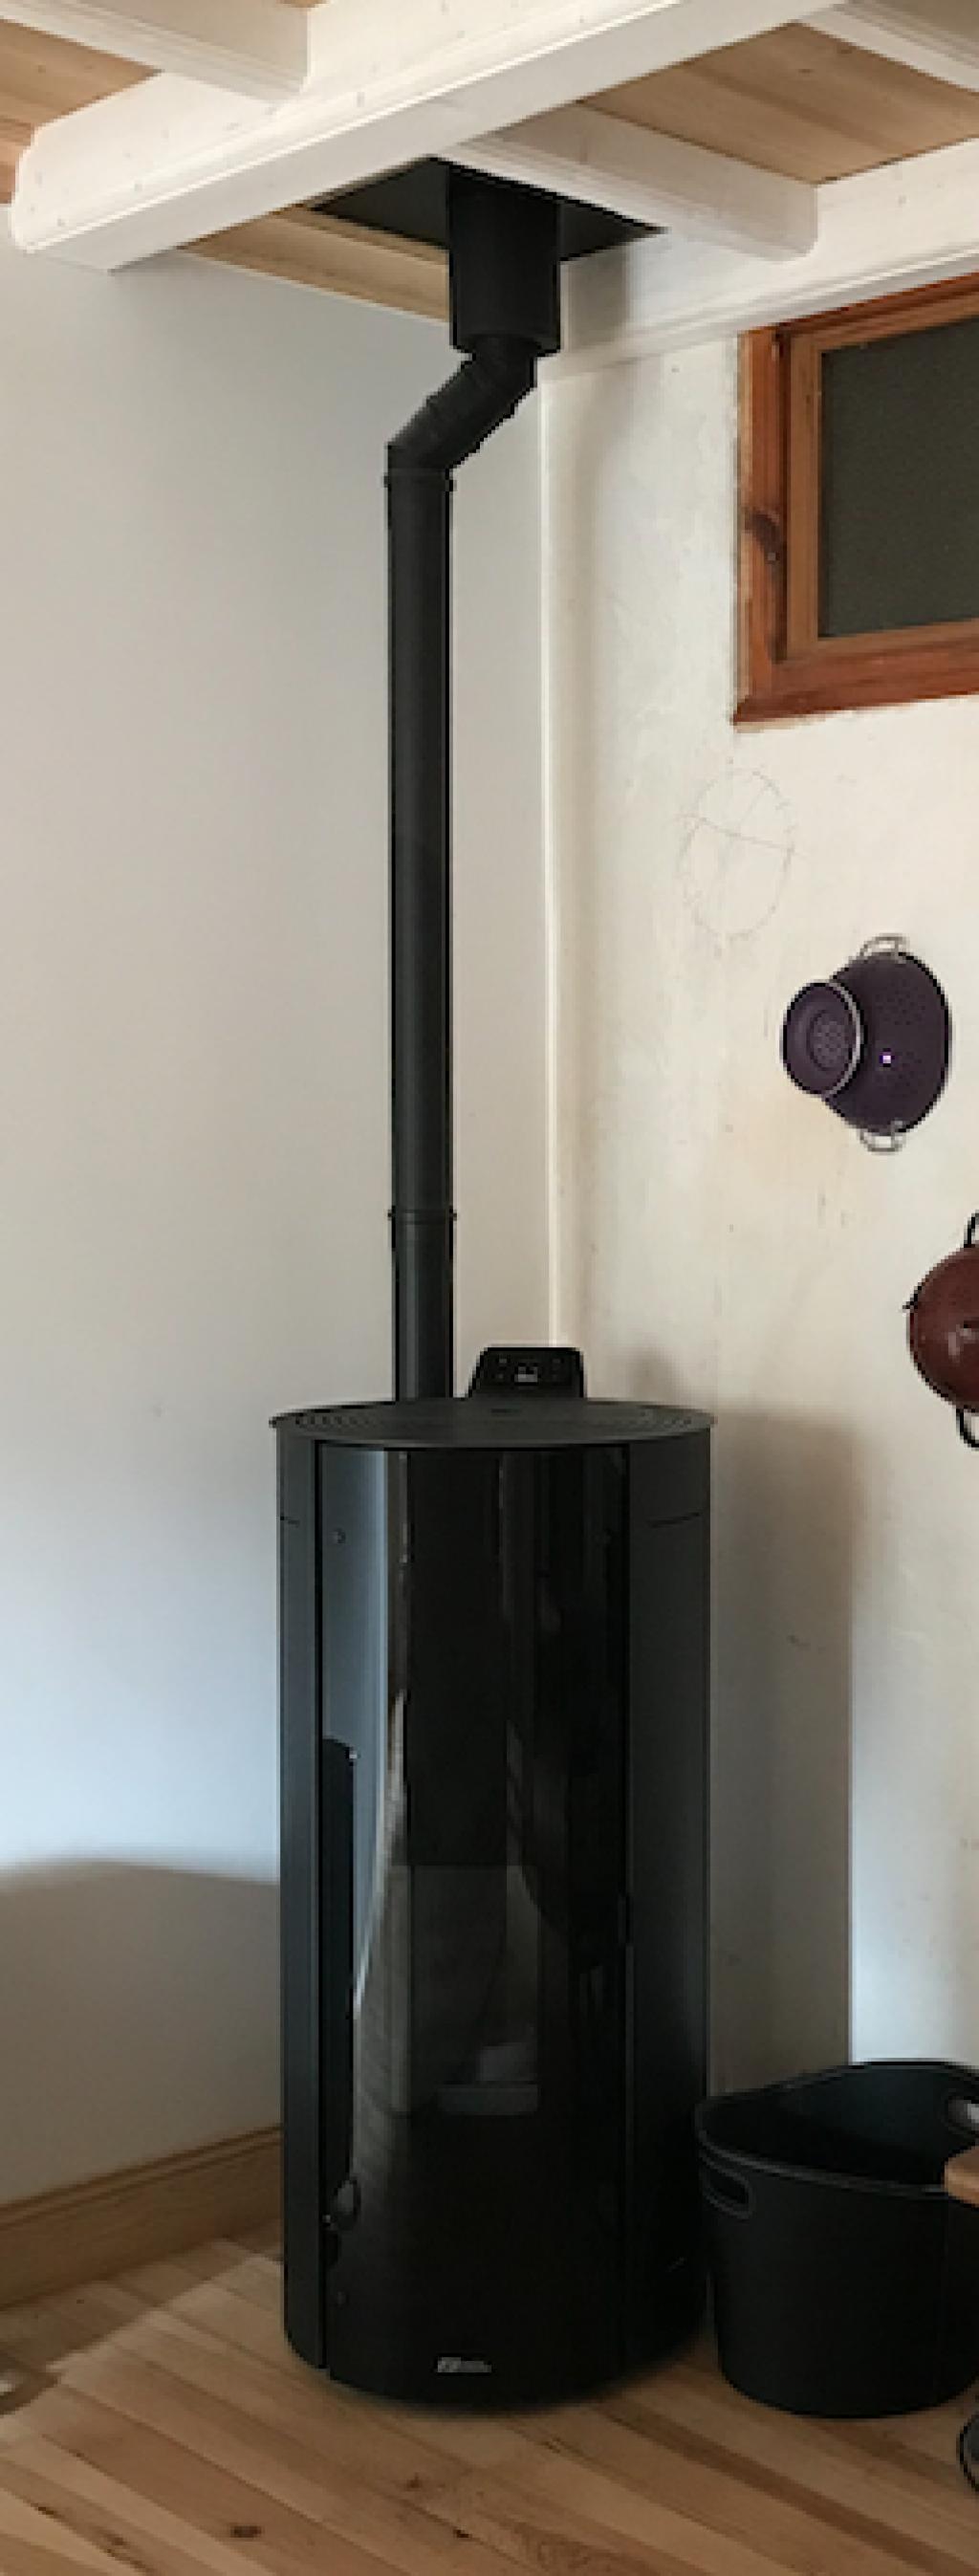 Installation d'un poêle à granulé Fonte Flamme